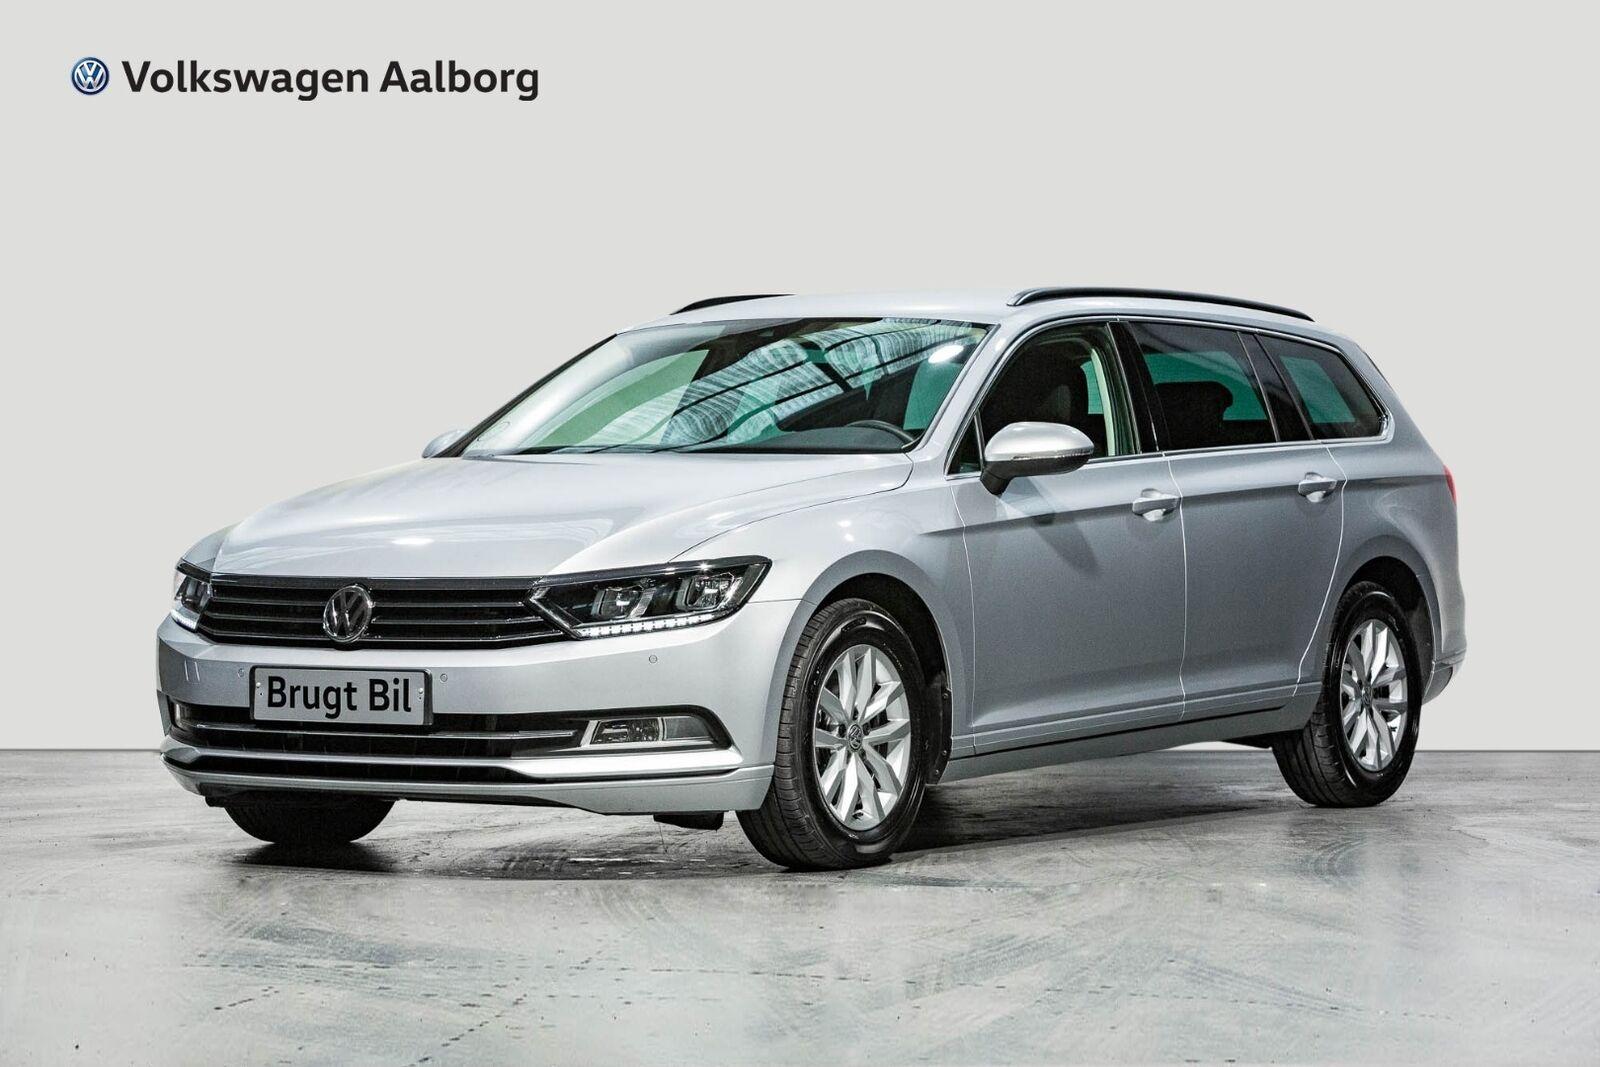 VW Passat 2,0 TDi 150 Comfort Prem. Vari DSG 5d - 365.000 kr.